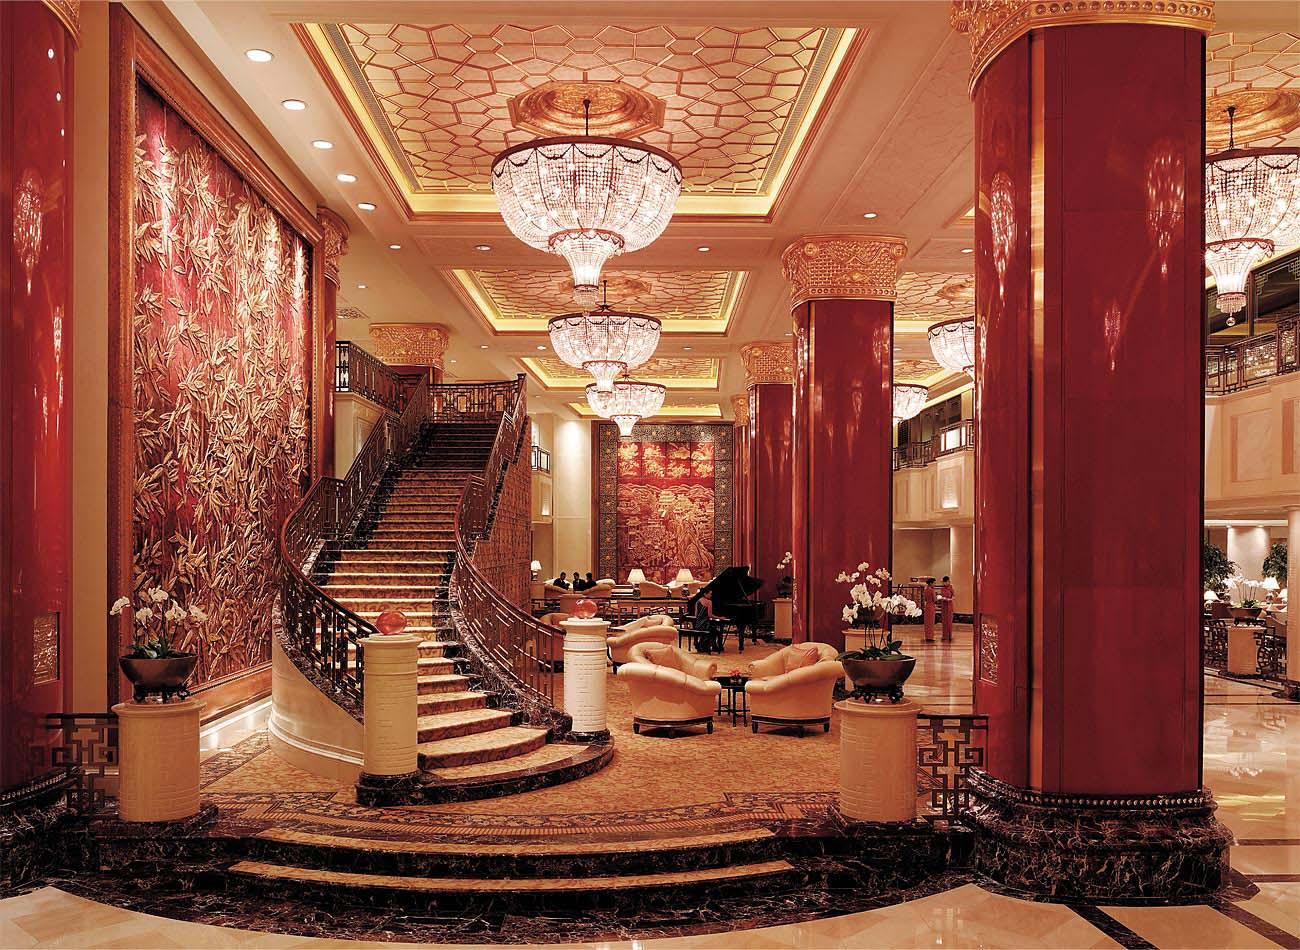 سفری لوکس با اقامت در هتل شانگری لا پکن (Shangri-La Beijing)